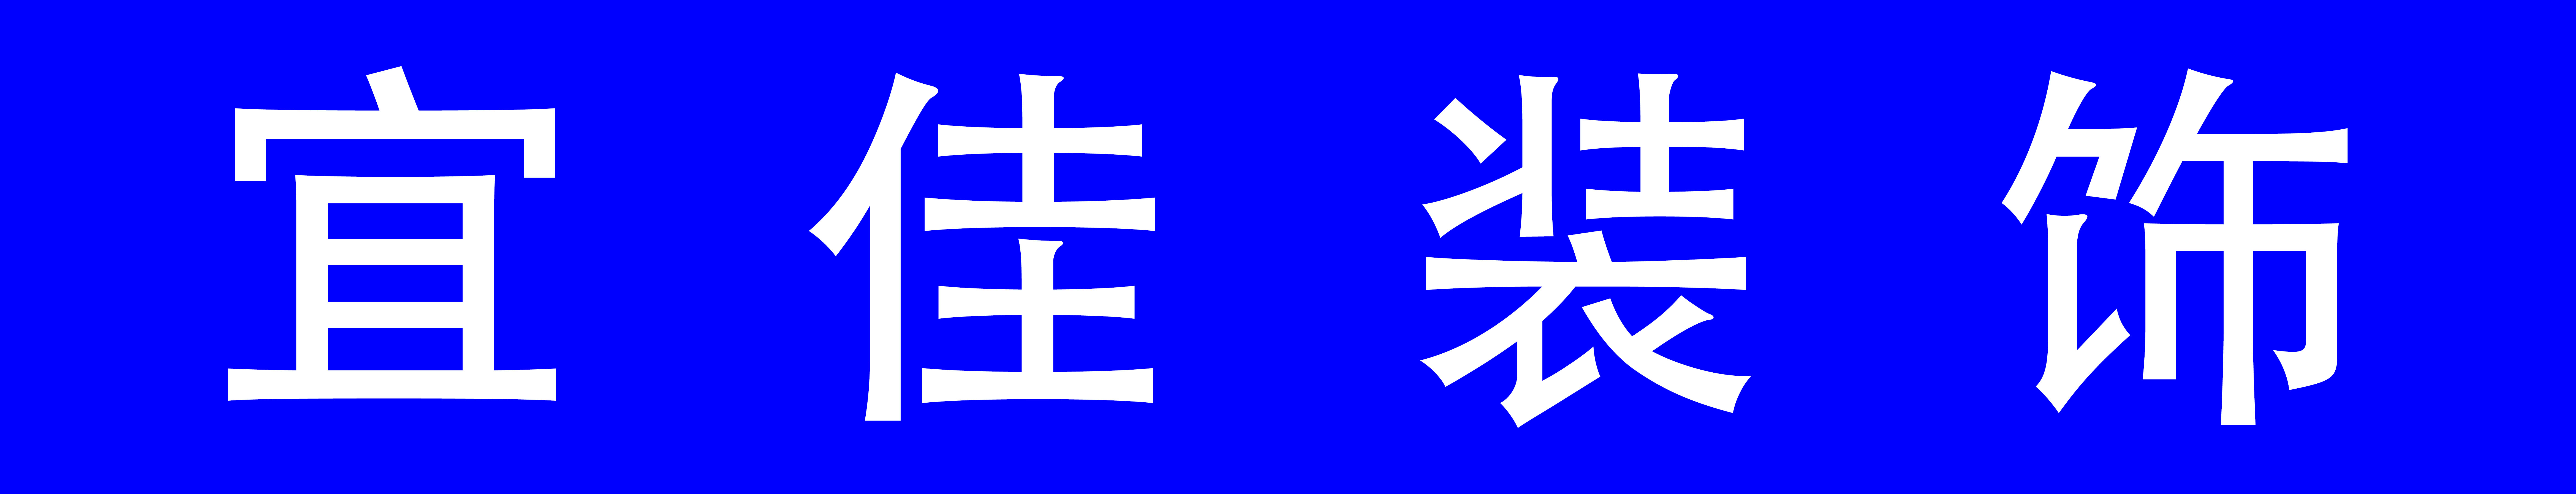 江西宜佳建筑装饰工程有限公司